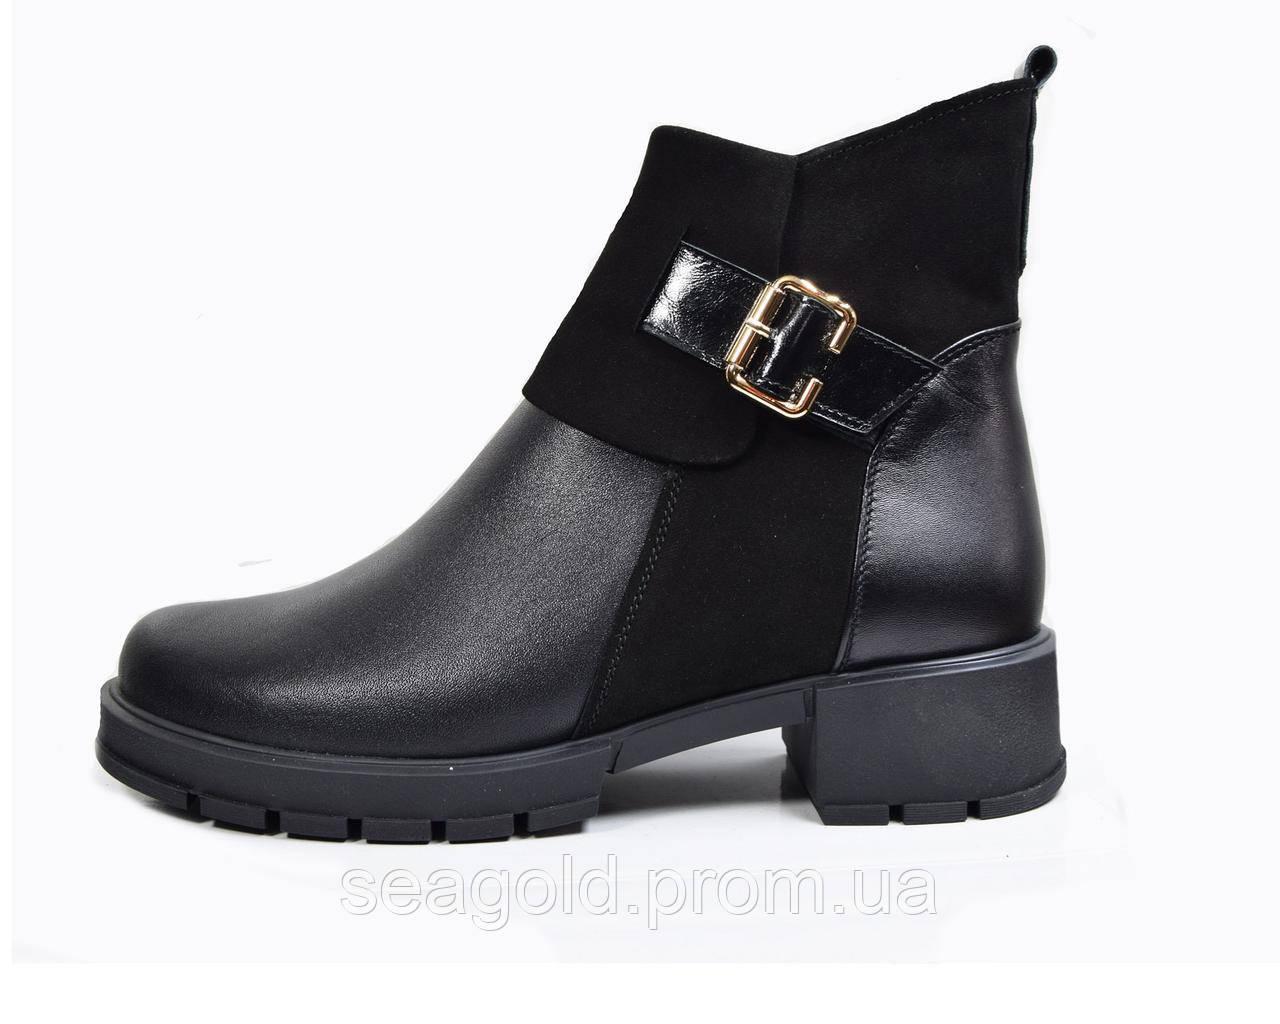 6ae8605295d7 Женские зимние модные кожаные ботинки мод.